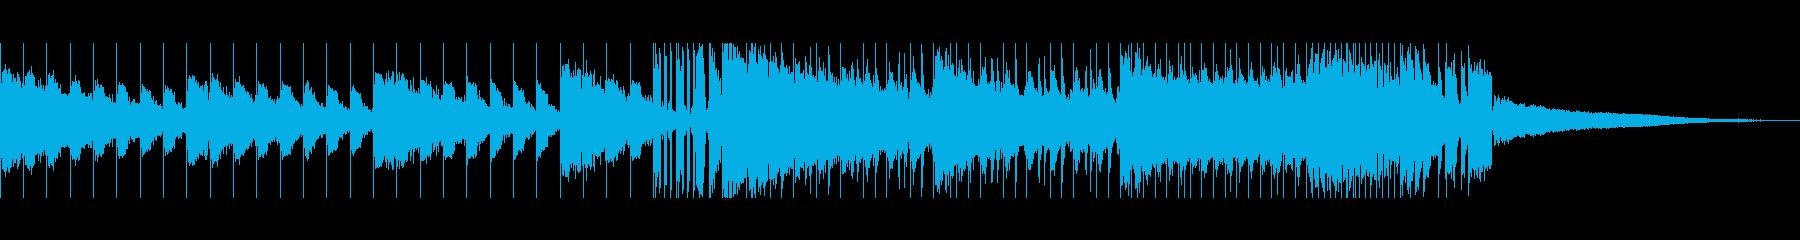 緊張感のあるオープニングをEDM風にの再生済みの波形